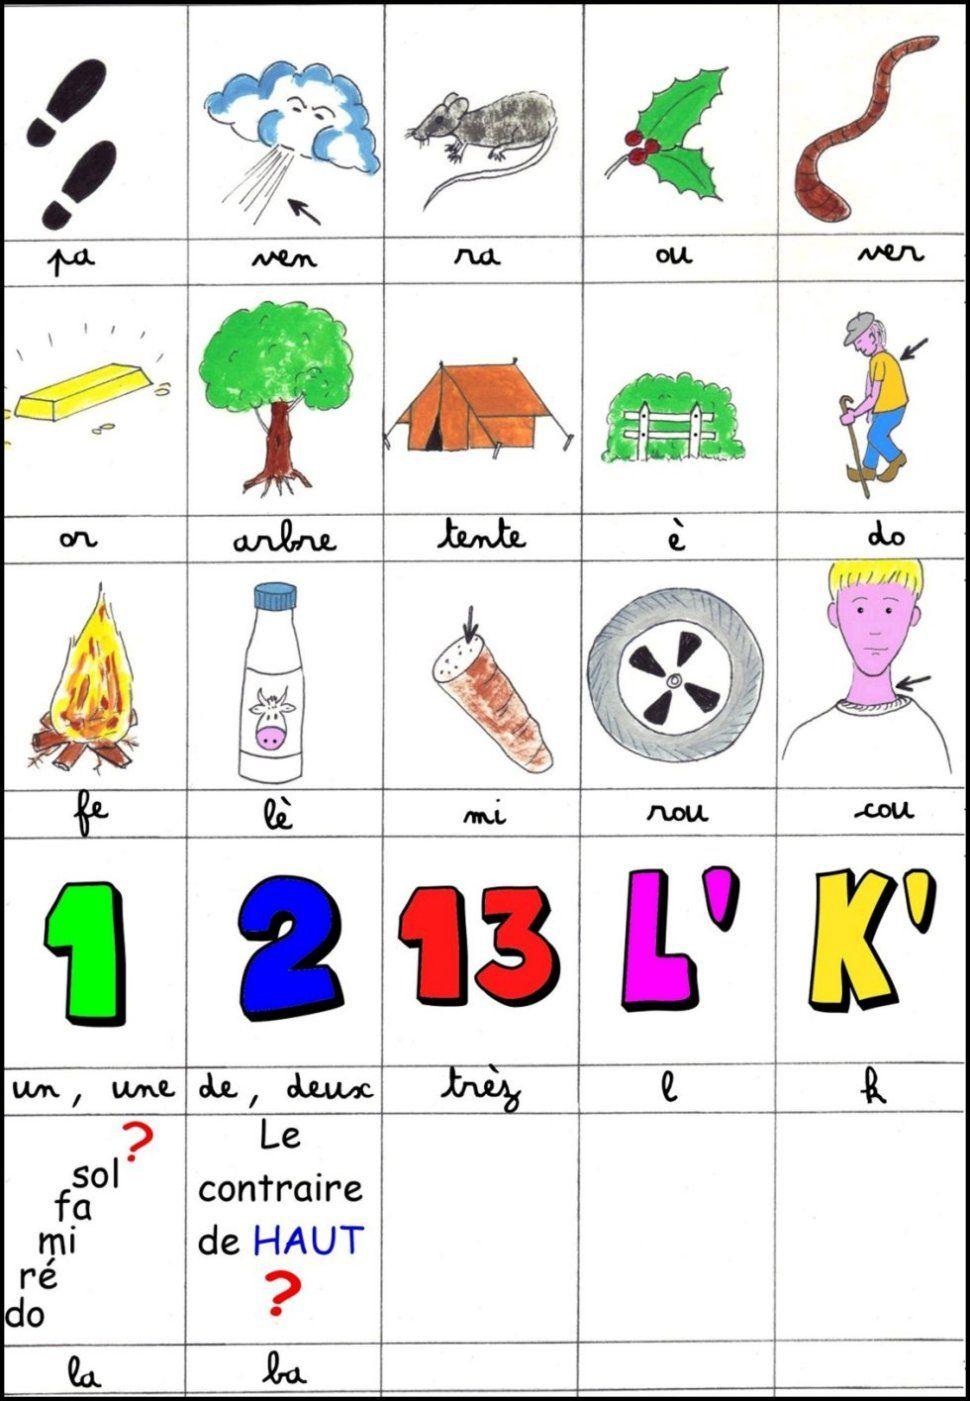 Des Idées D'énigmes Pour Les Enfants | Idées De Fête Pour dedans Jeux Rebus